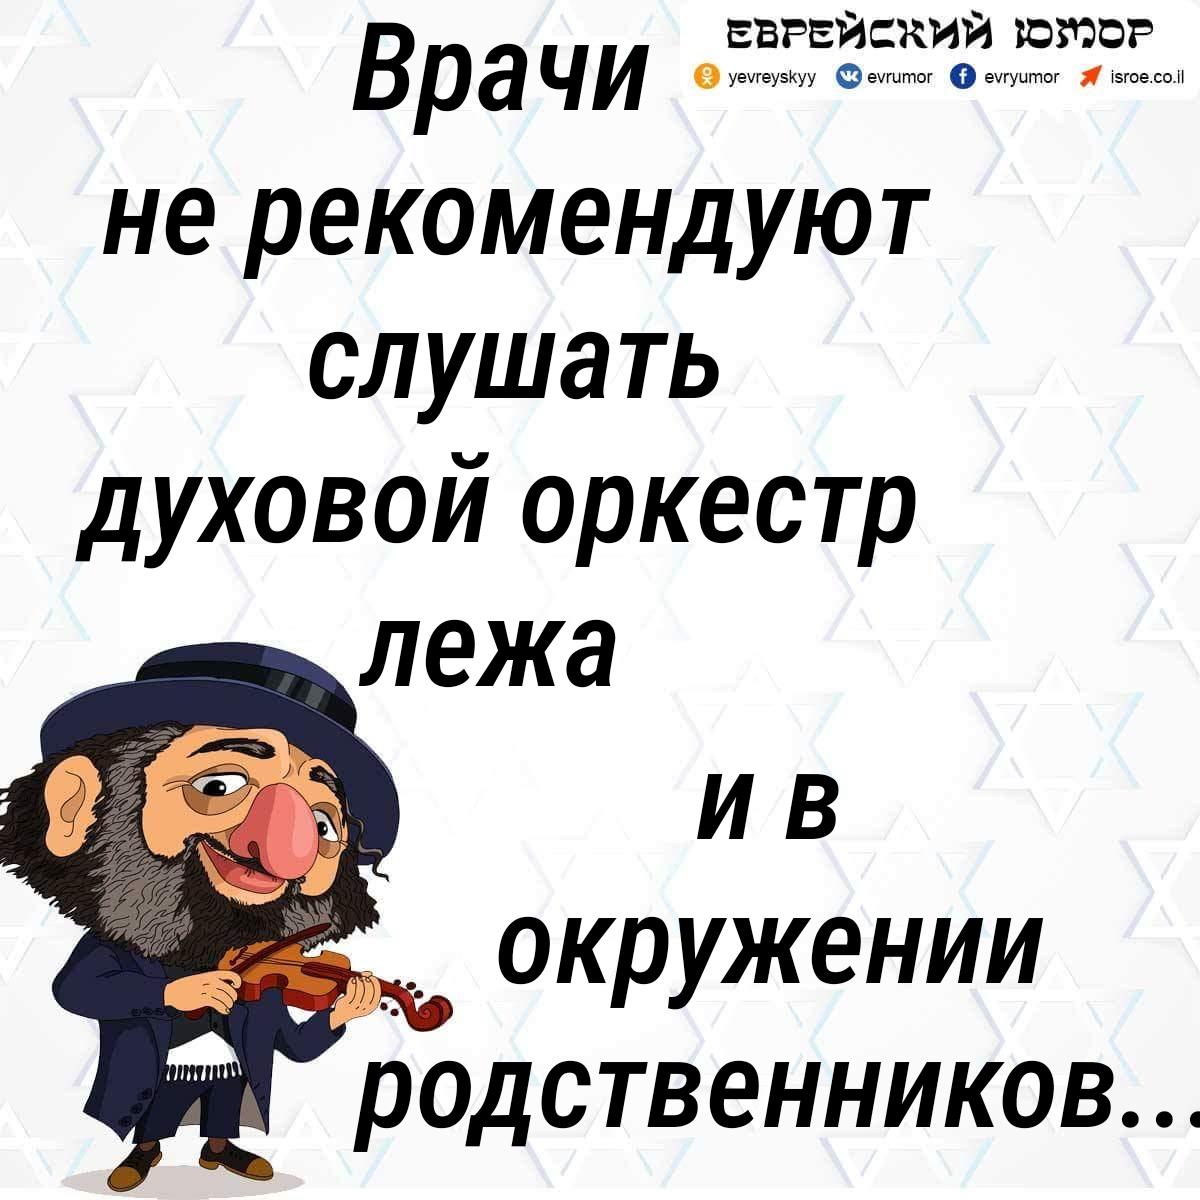 Еврейский юмор. Одесский анекдот. Врачи не рекомендуют